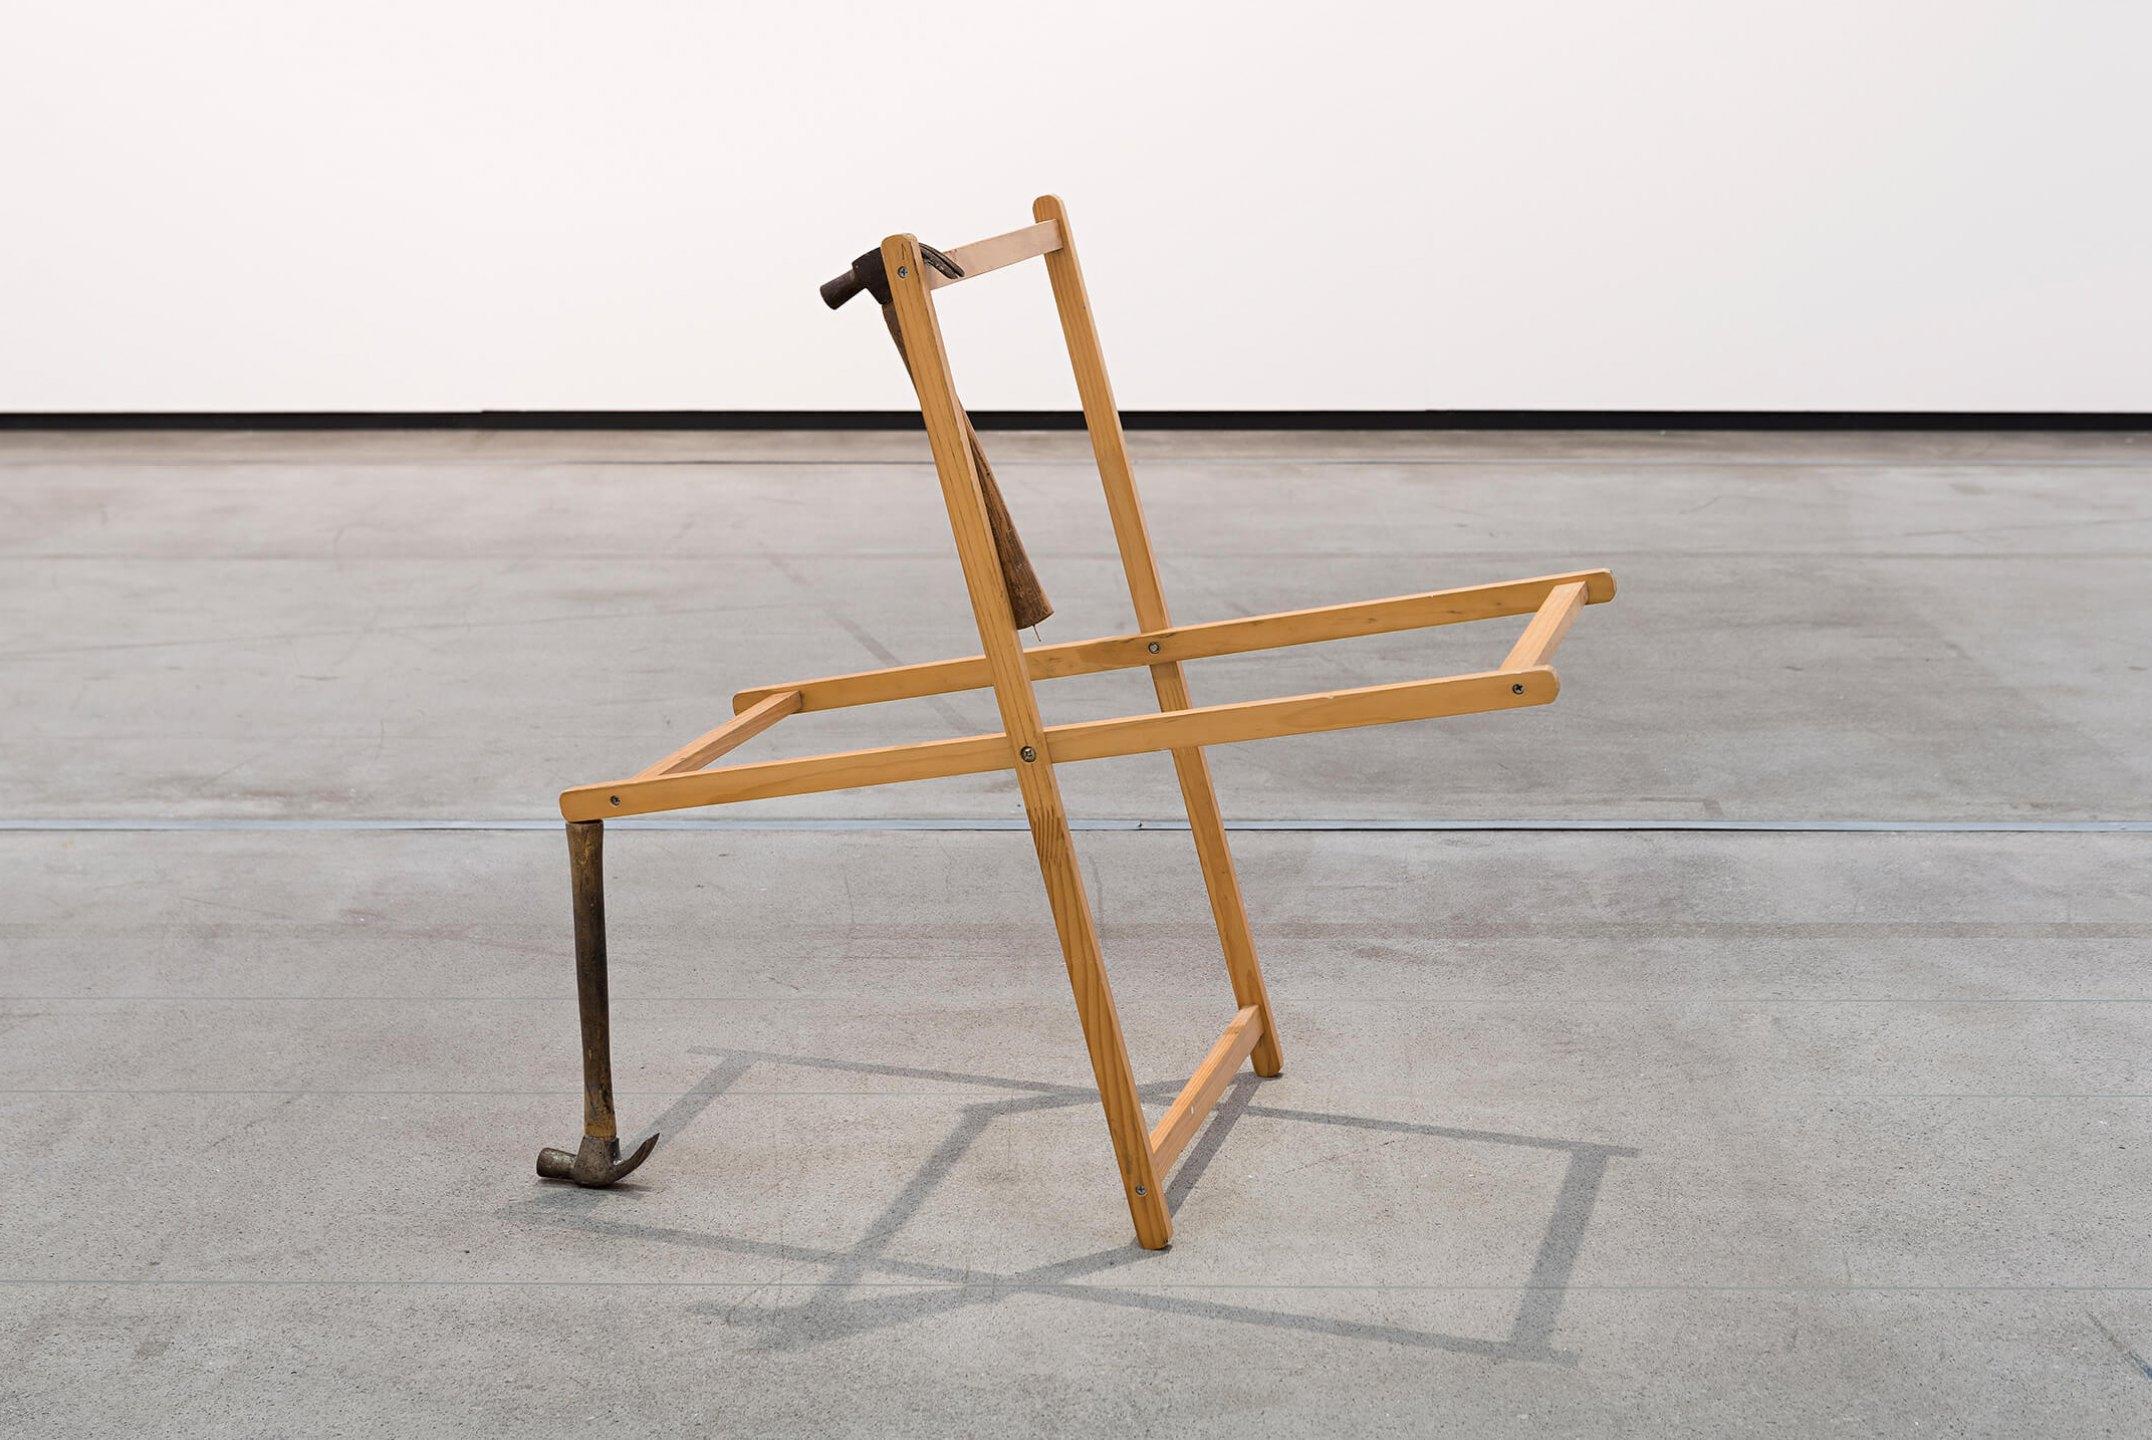 Deyson Gilbert,<em>Wheel of fortune (swastika)</em>, 2012, wood and hammers, 60 × 60 × 40 cm - Mendes Wood DM